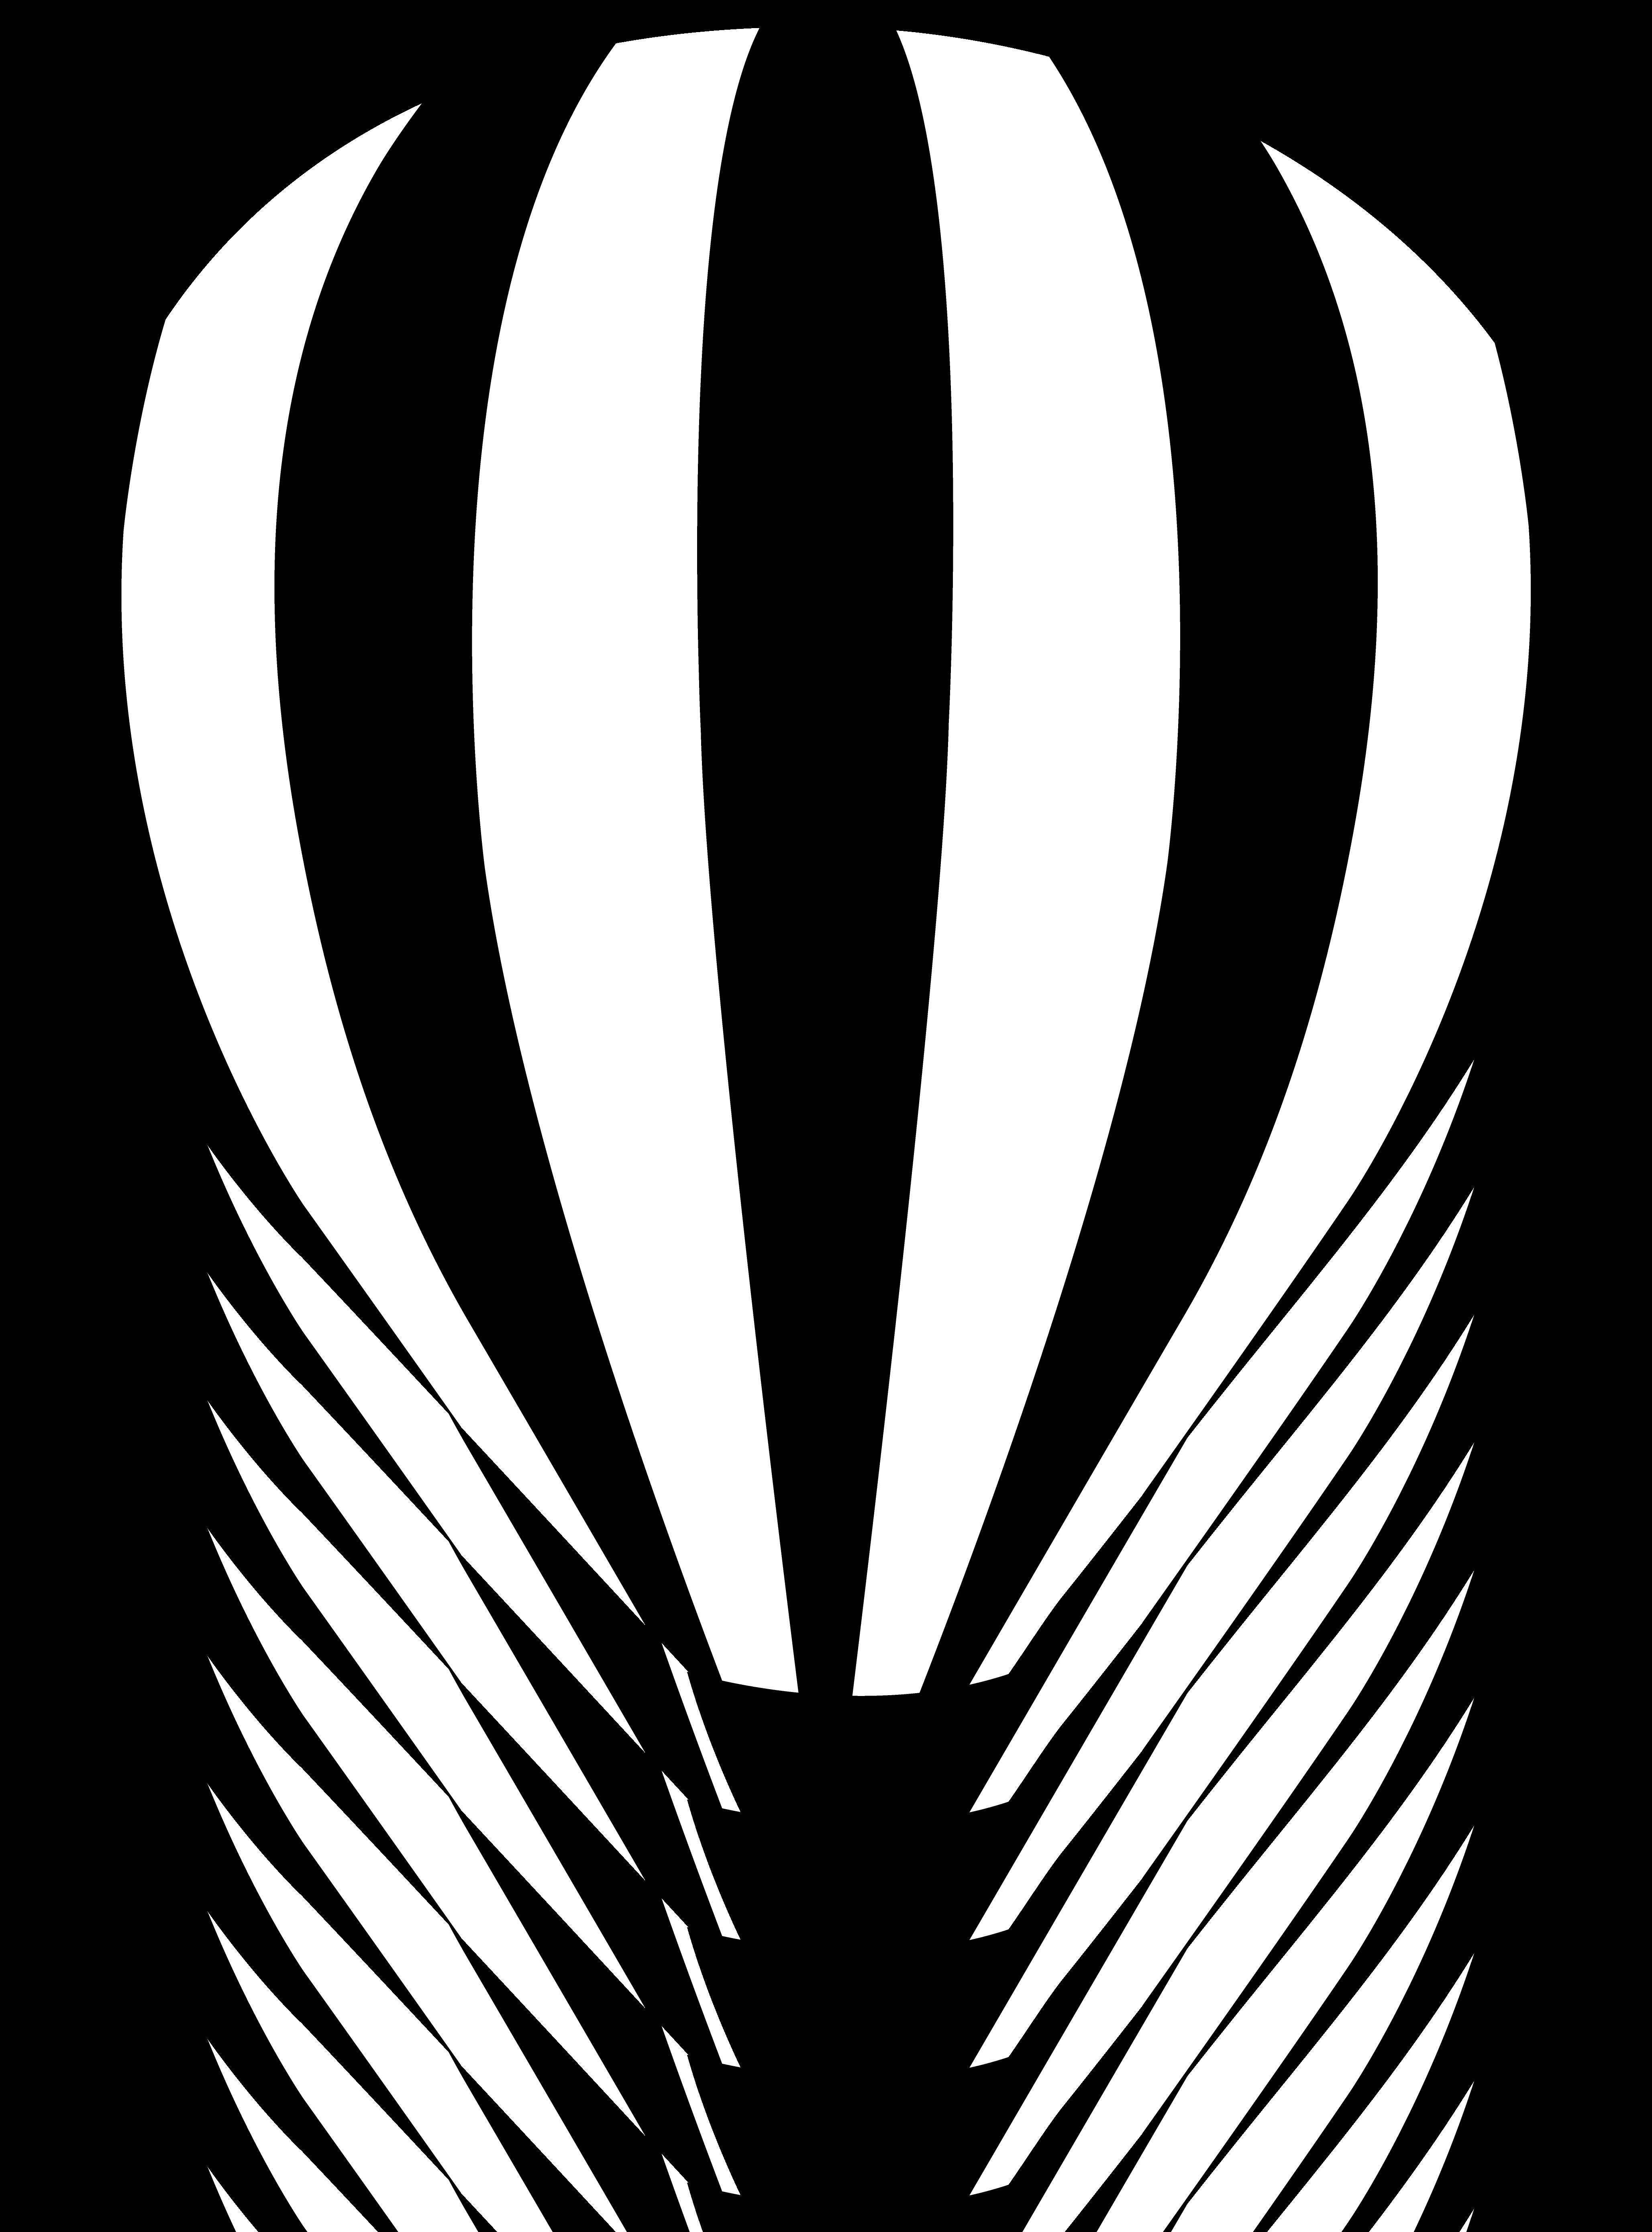 Hot Air Balloon svg #6, Download drawings